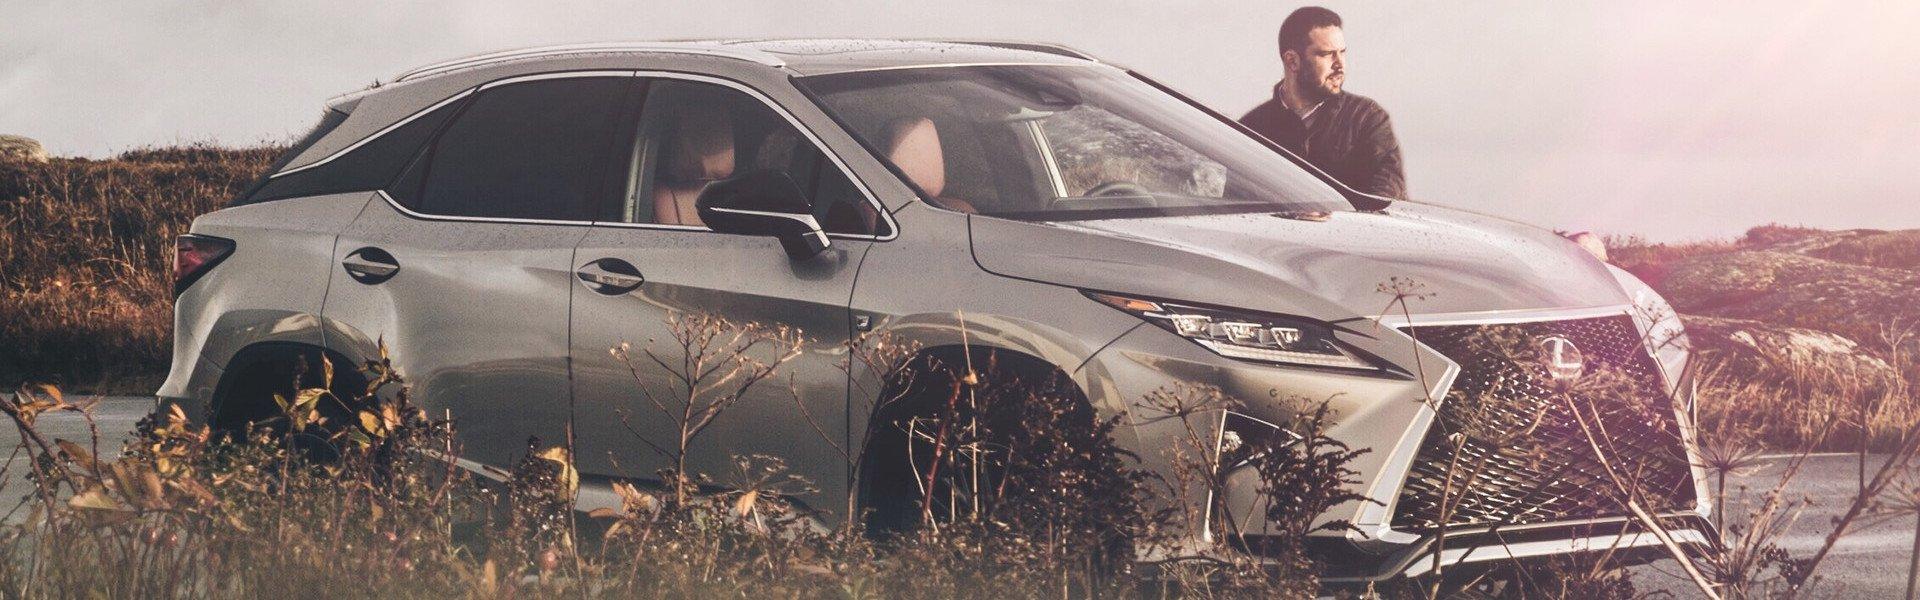 2018 Lexus RX 450h Hybrid at Ken Shaw Lexus in Toronto